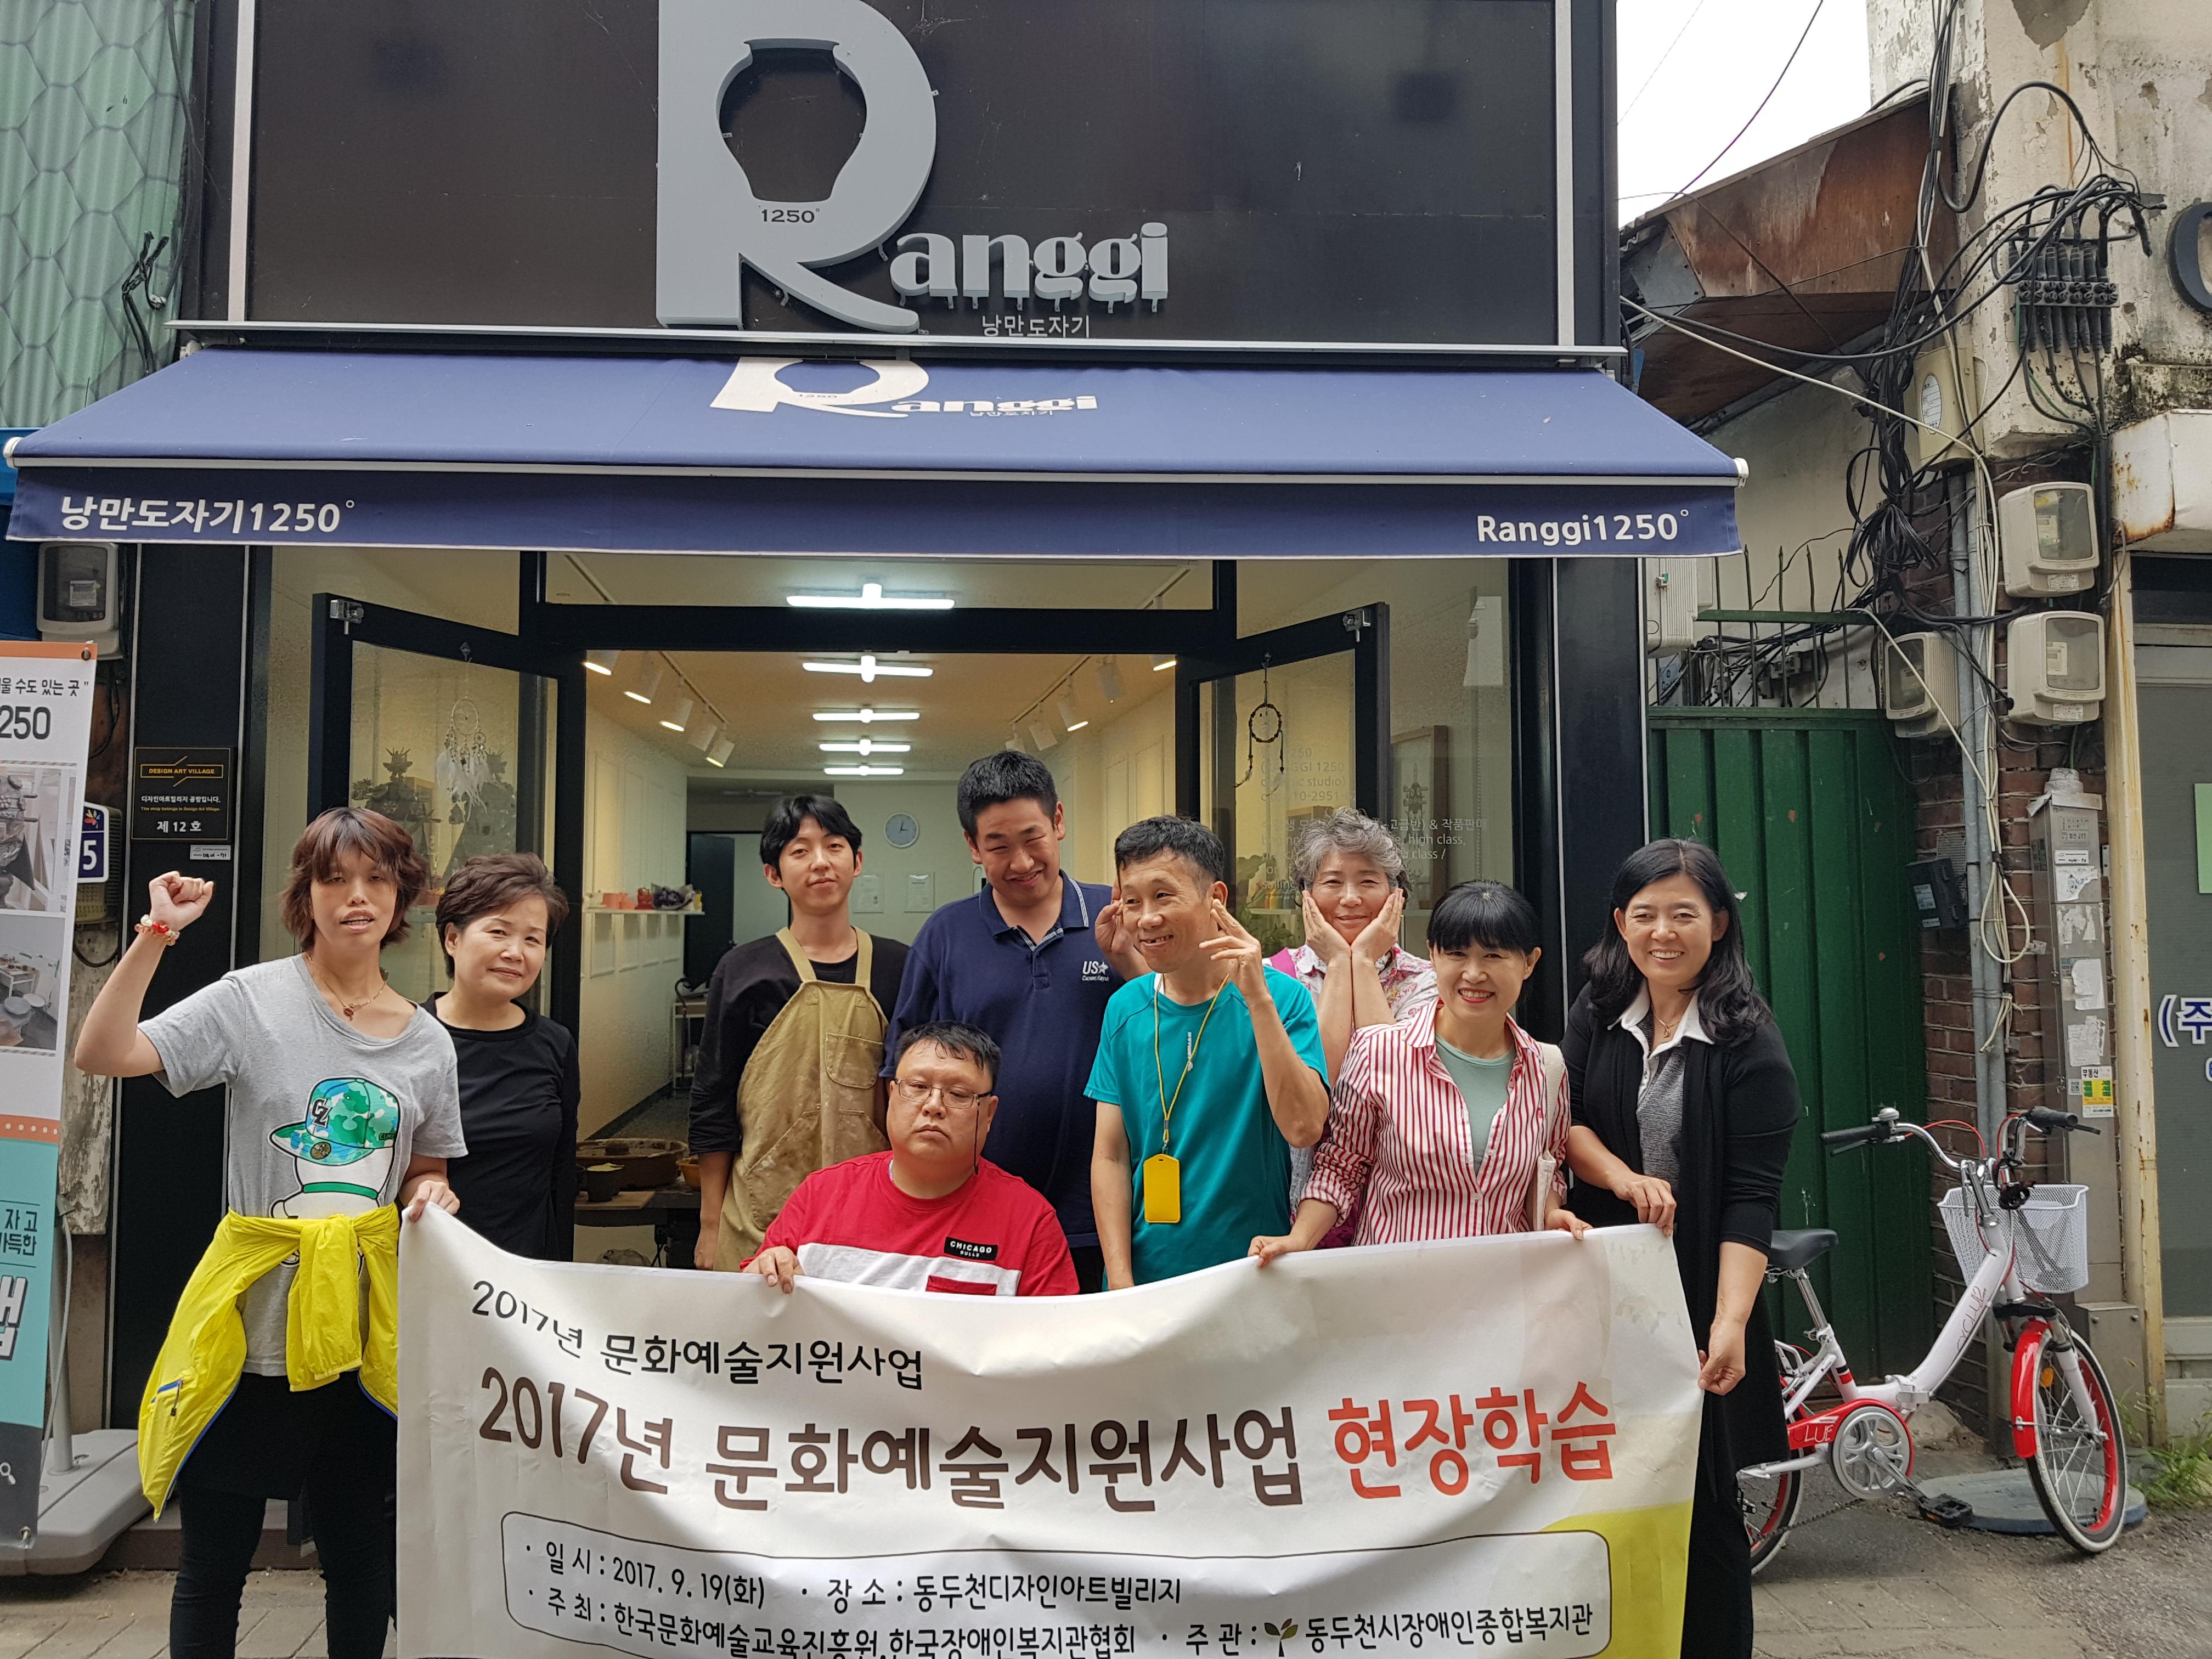 2017년 문화예술지원사업(미술)현장학습